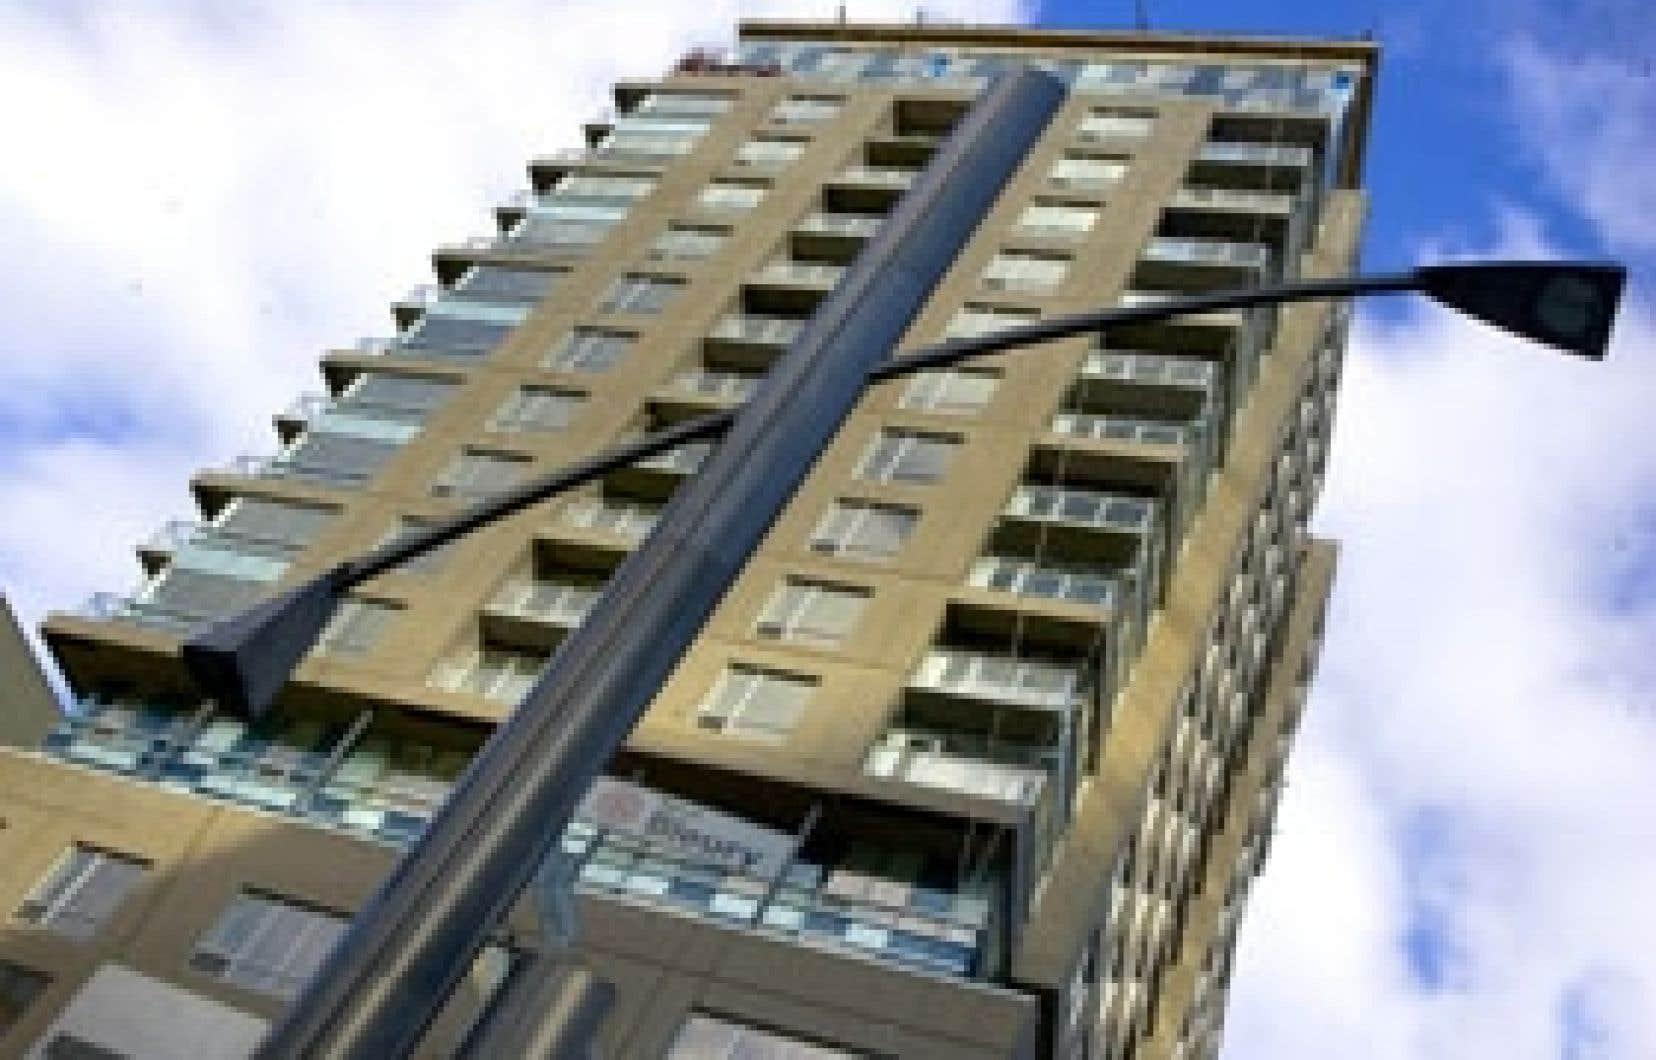 En septembre, le centre-ville de Montréal comptait 400 condos inoccupés ainsi que 1800 condos en construction, selon les données recueillies par la SCHL.